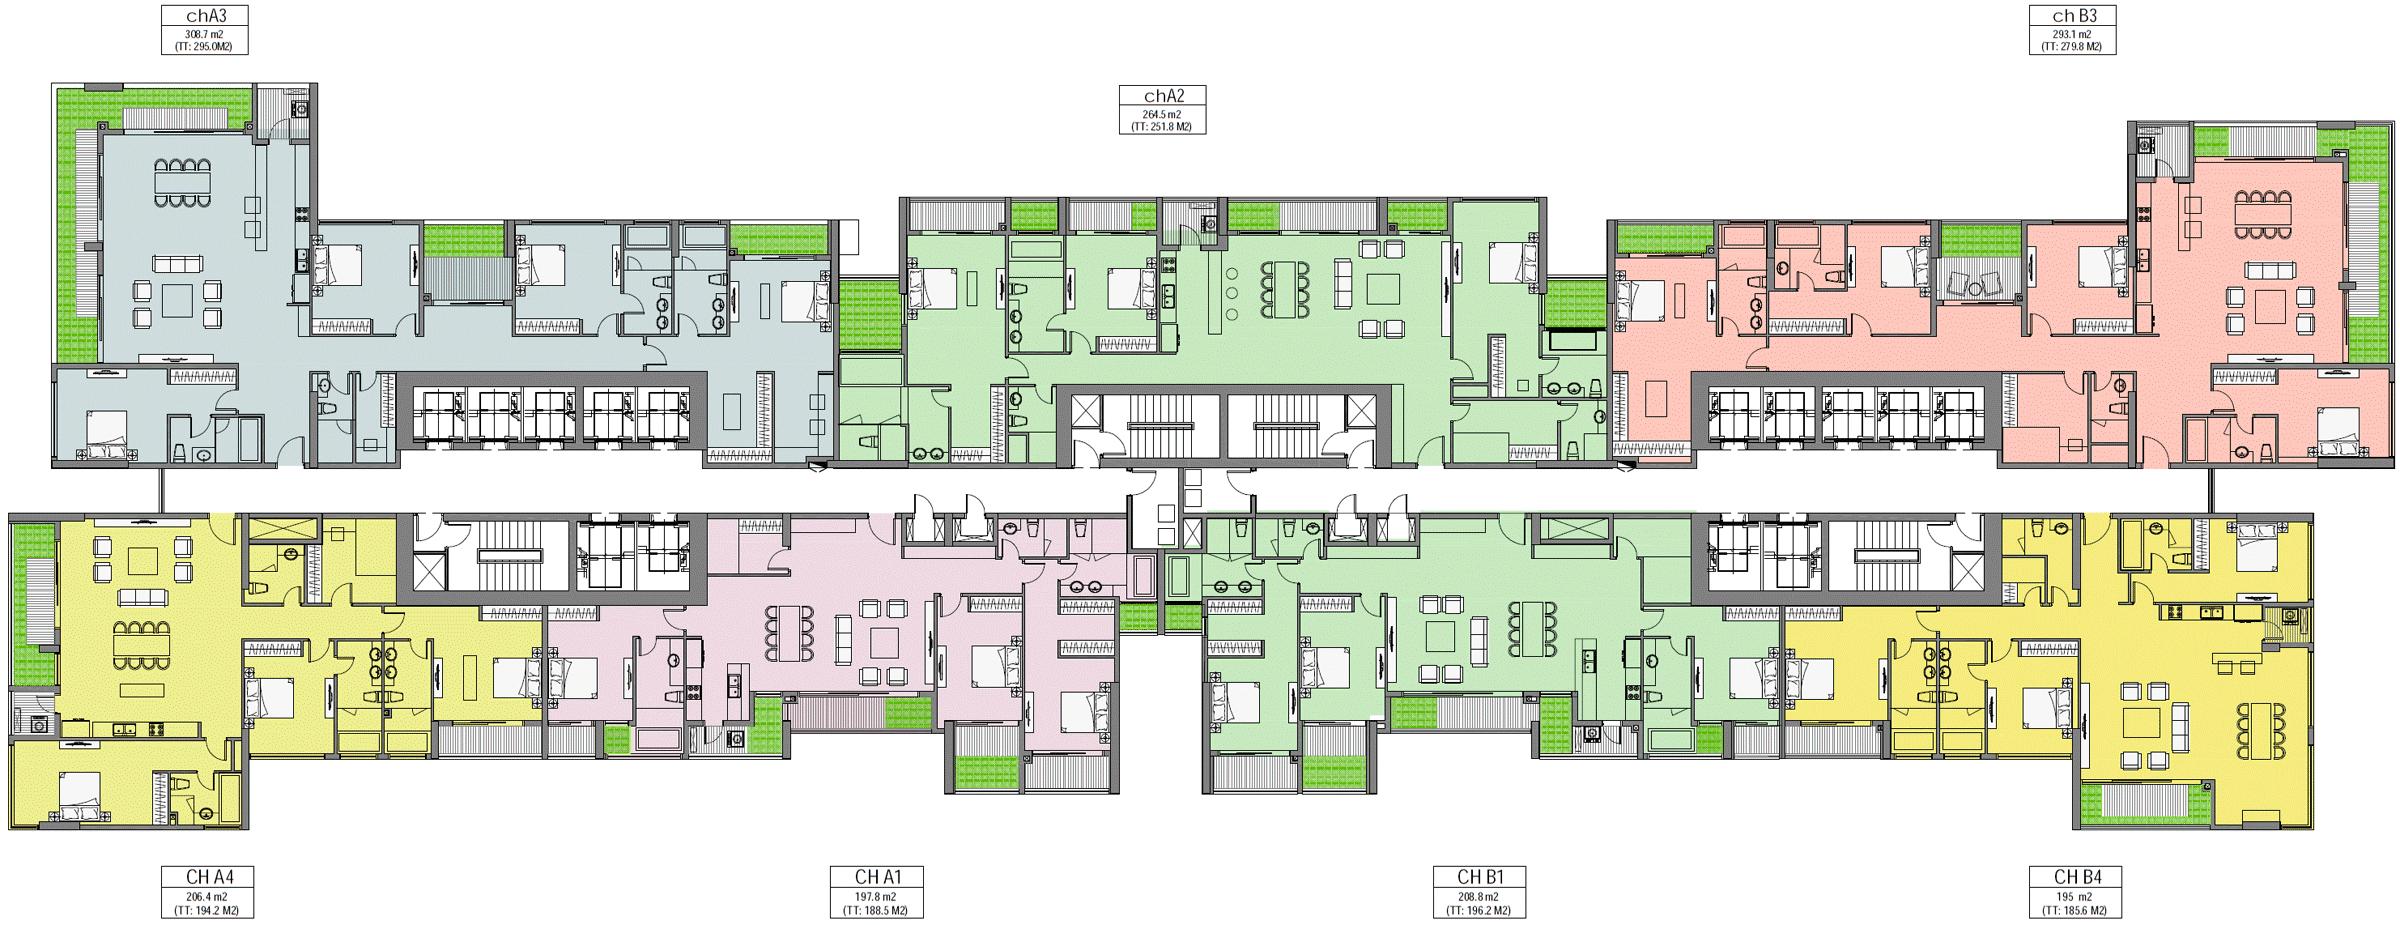 Căn hộ Penthouse tòa Park 6 cần bán thiết kế hiện đại thông thoáng view đẹp